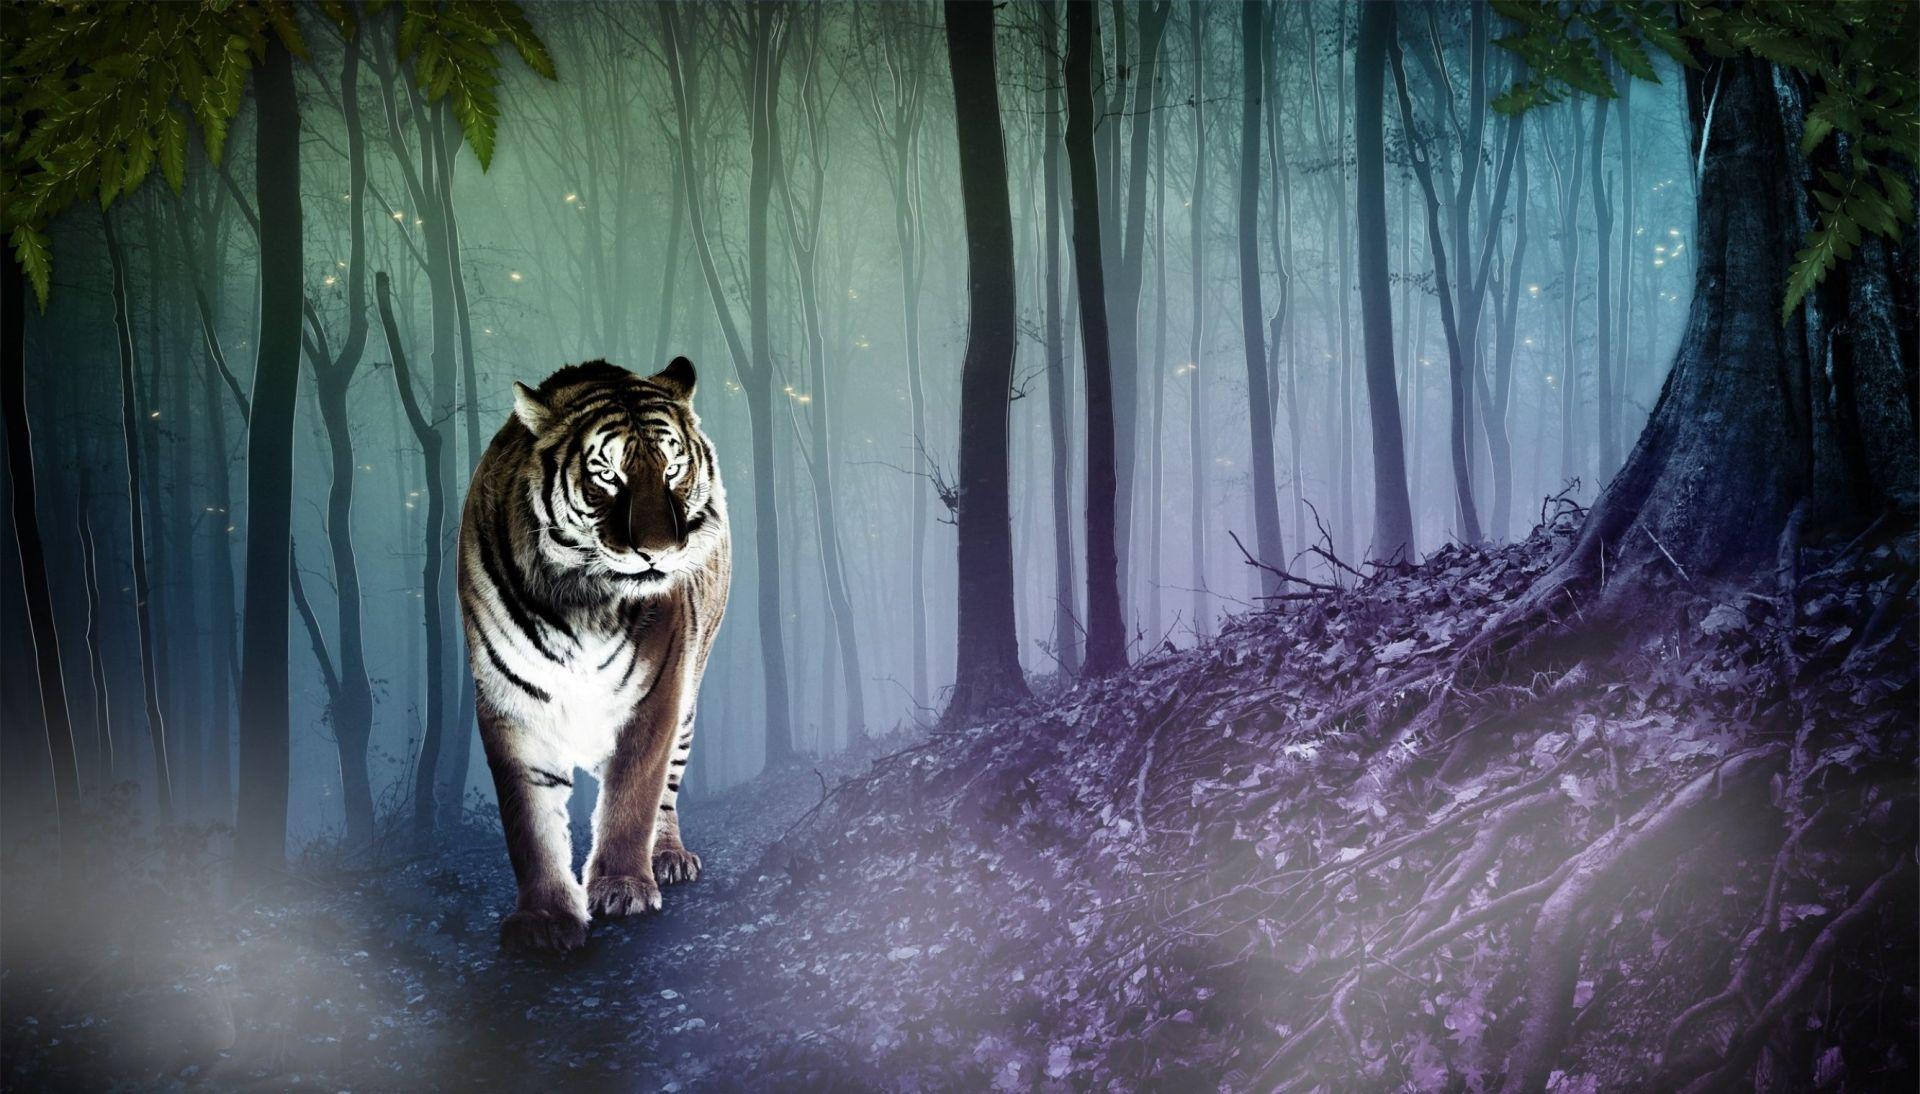 туристов логово тигров фон часто испытывают трудности